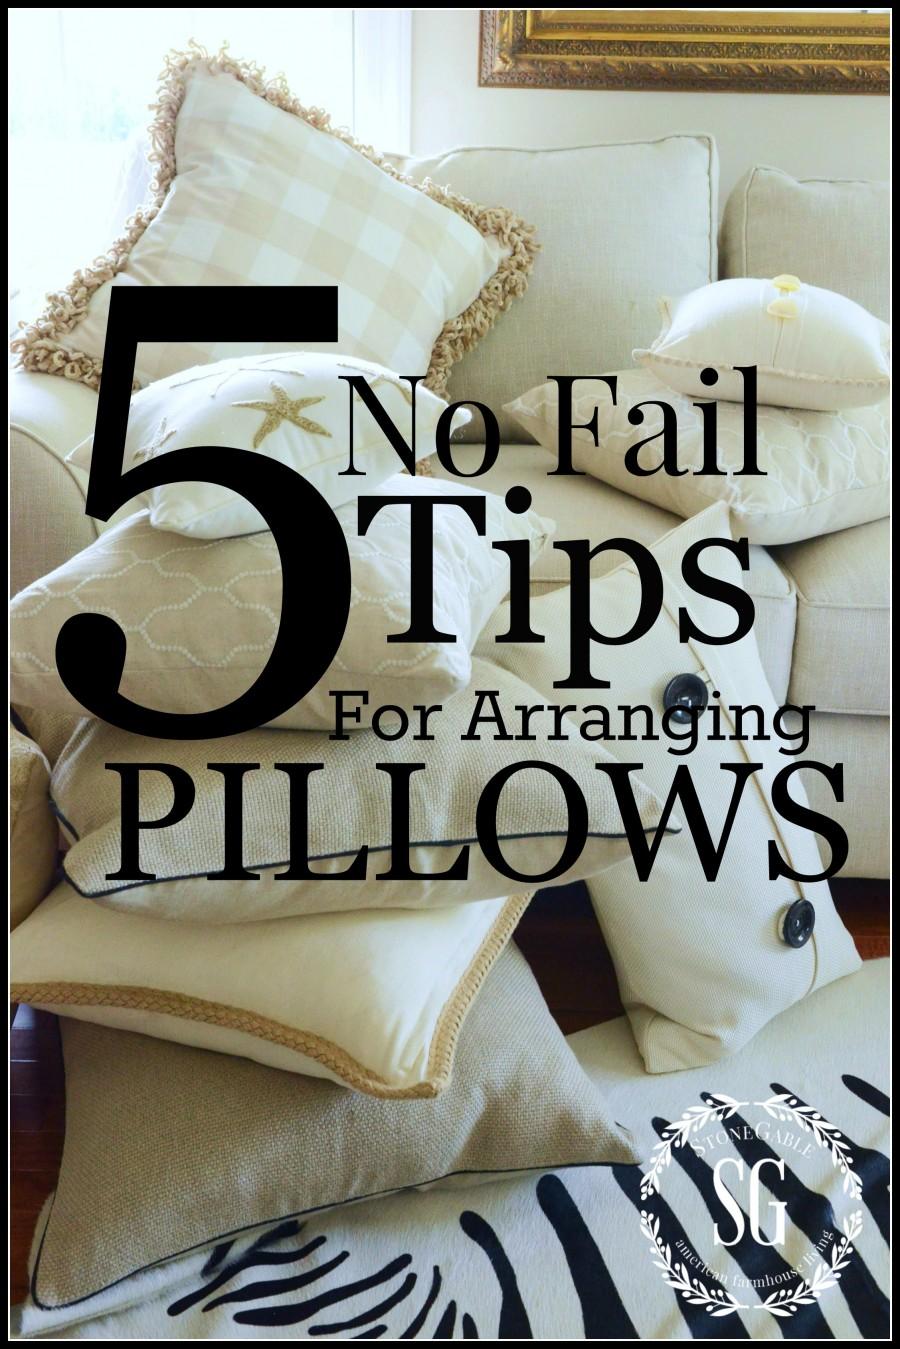 http://www.stonegableblog.com/5-no-fail-tips-for-arranging-pillows/